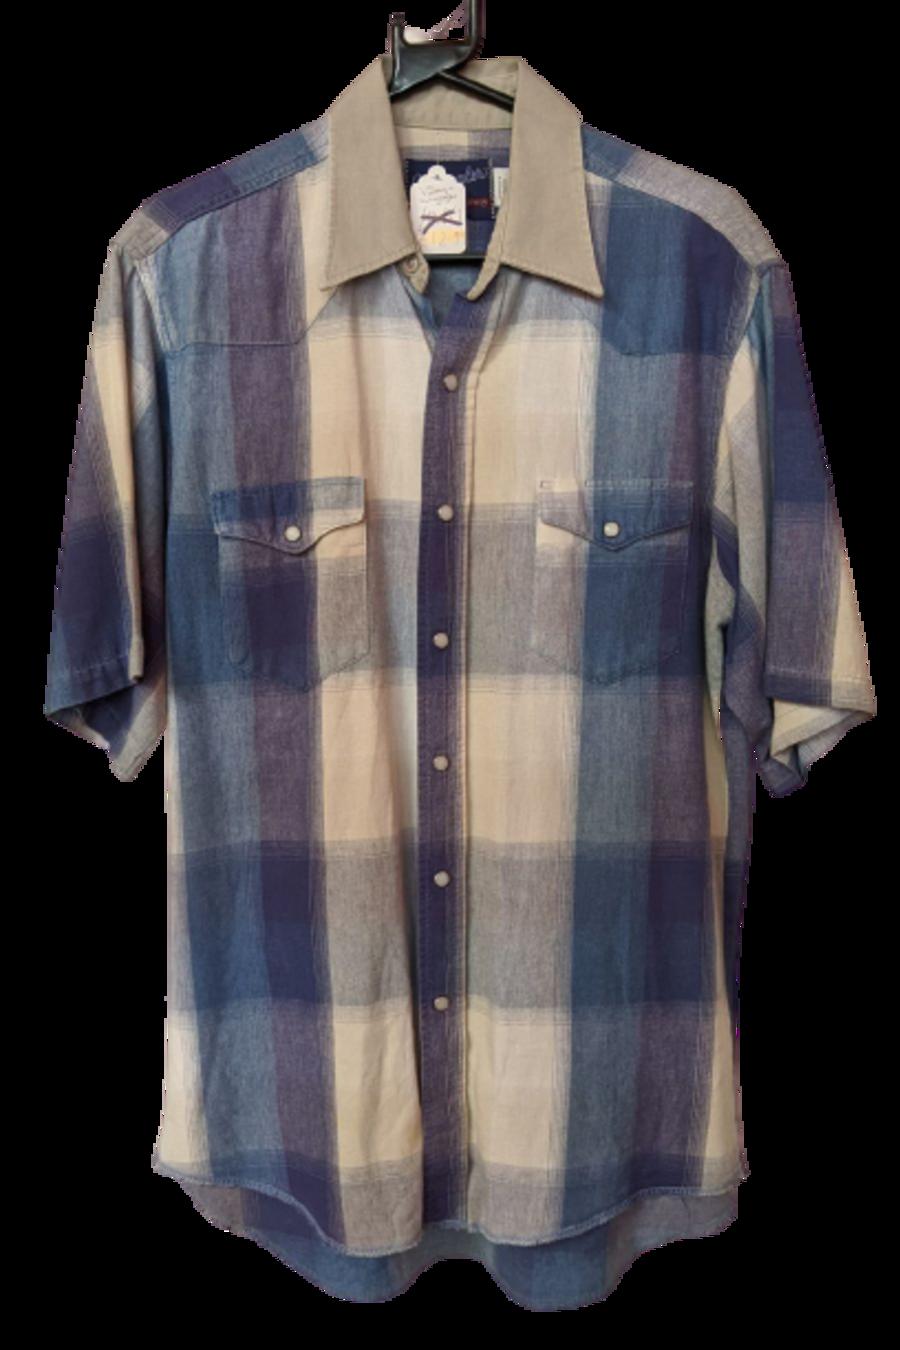 Vintage 1990's Wrangler Blue Flannel Shirt